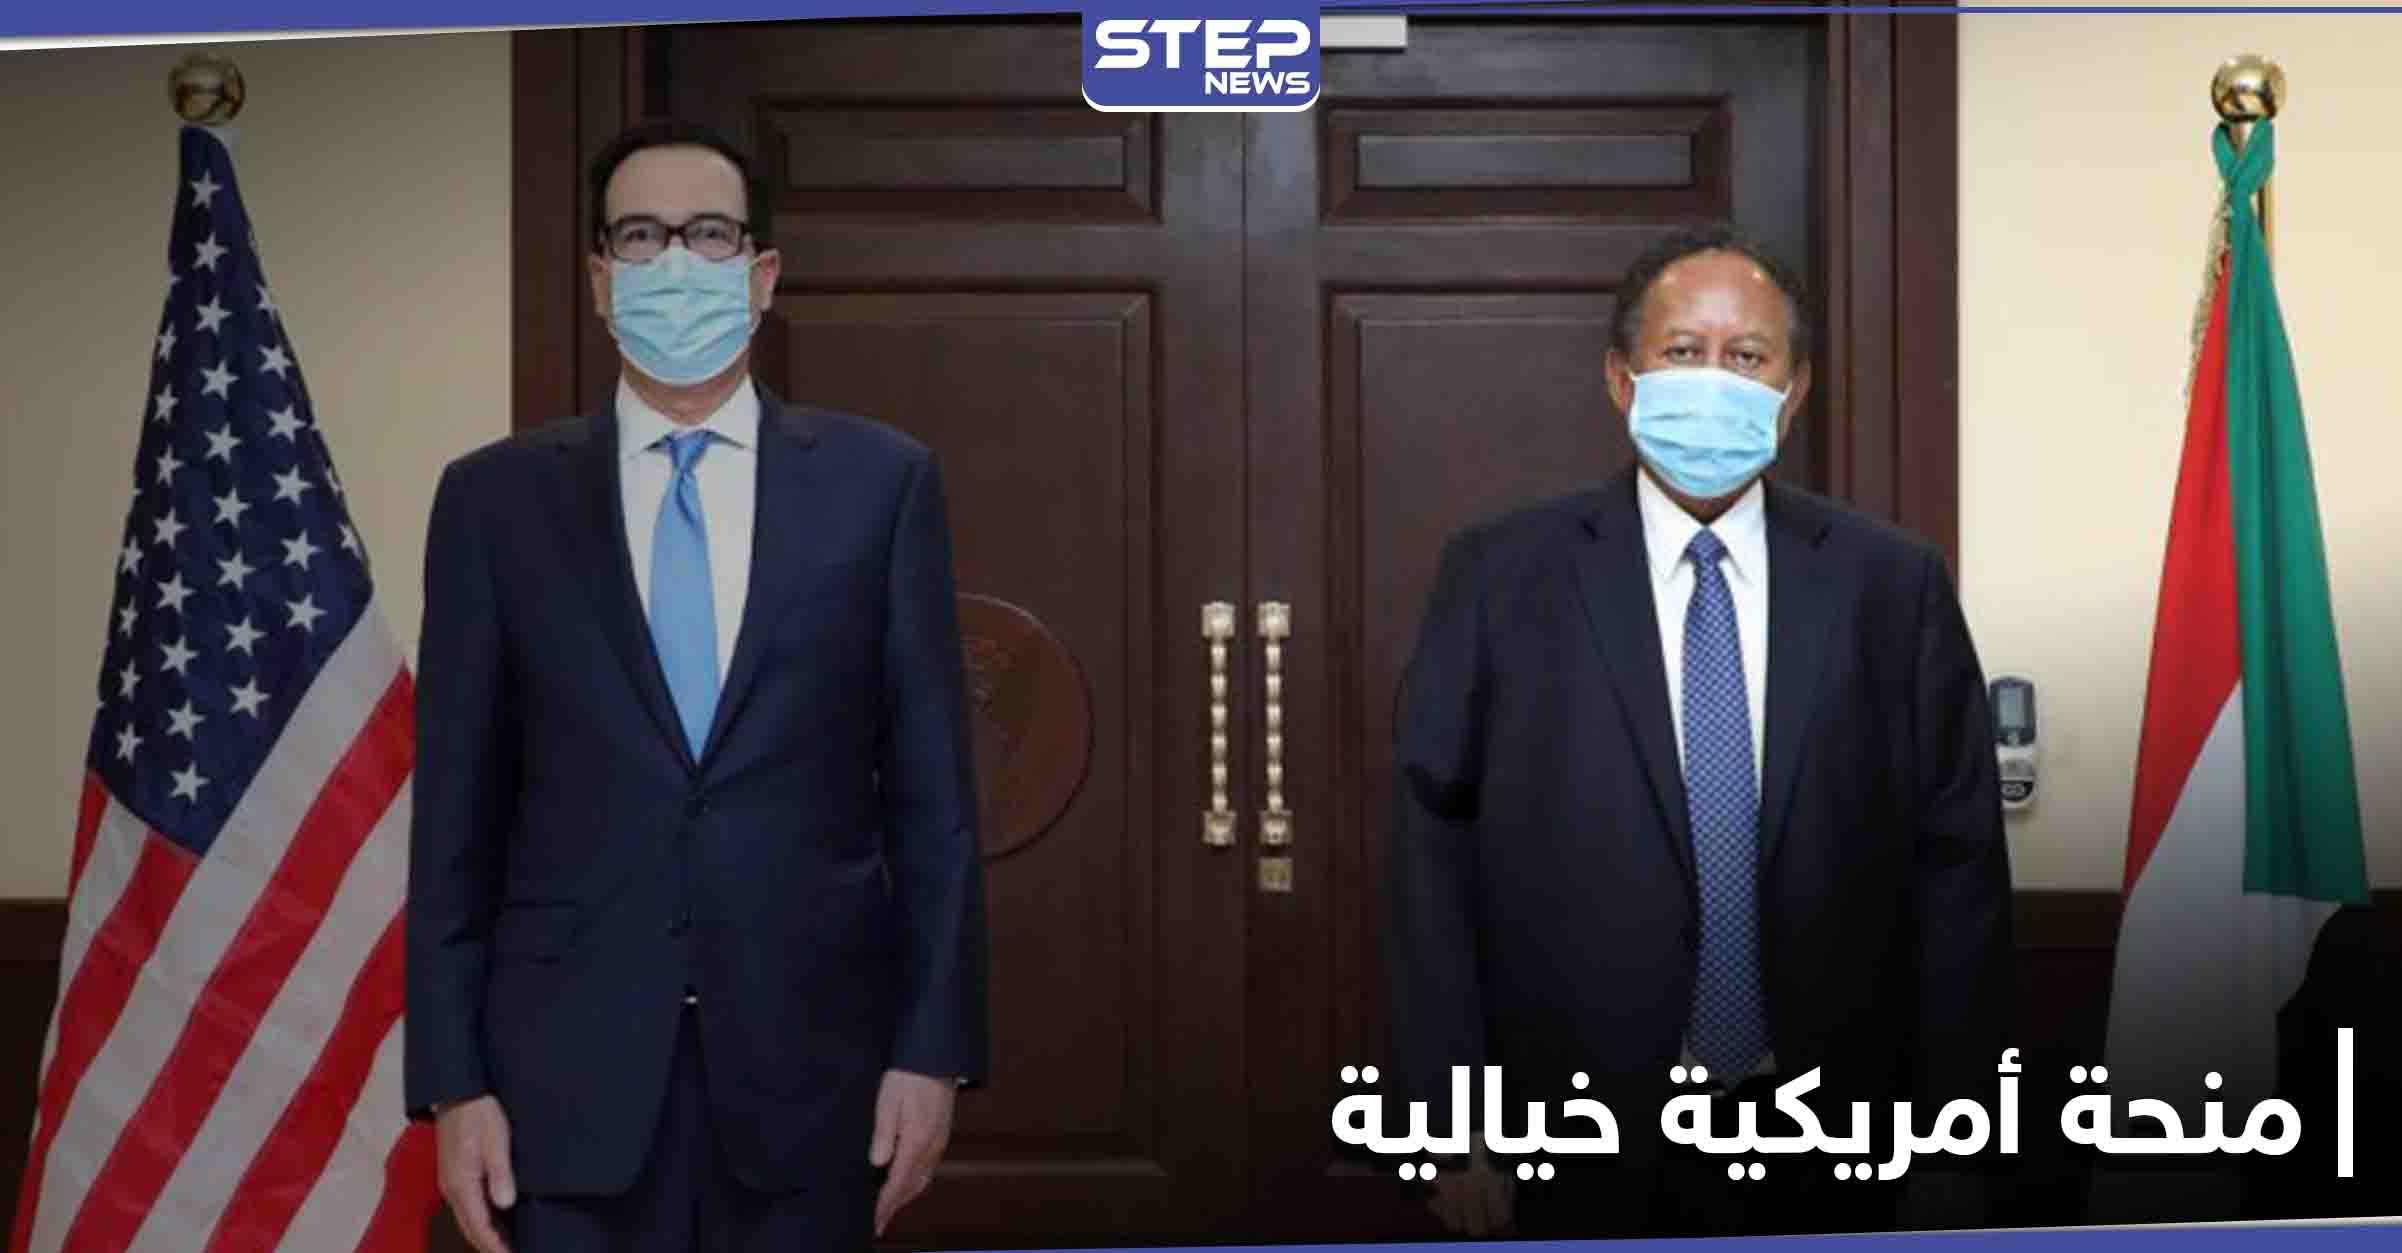 """""""منحة أمريكية خيالية"""" لـ السودان مقابل توقيعه رسمياً اتفاق السلام مع إسرائيل"""